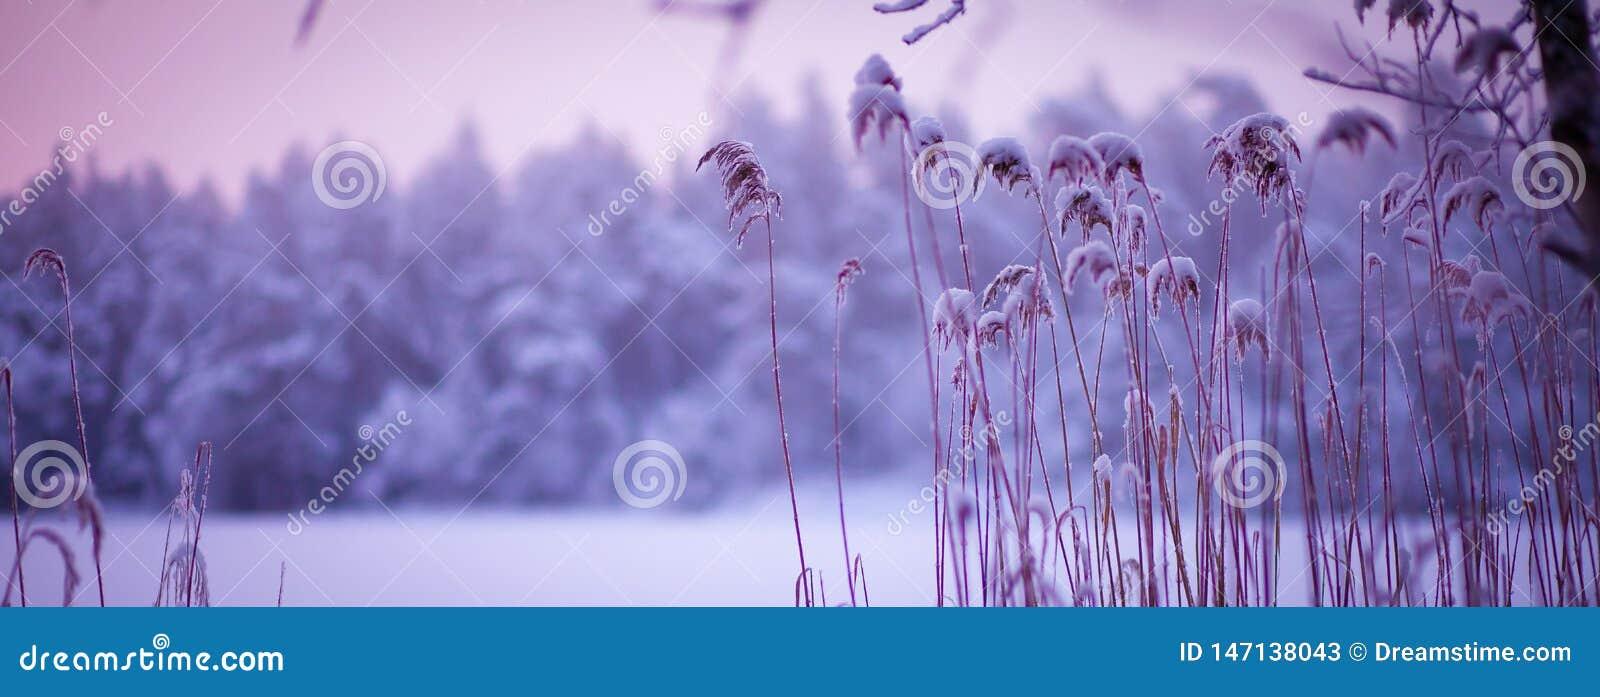 Atmosphärische Winterschneelandschaft mit purpurroten Tönen